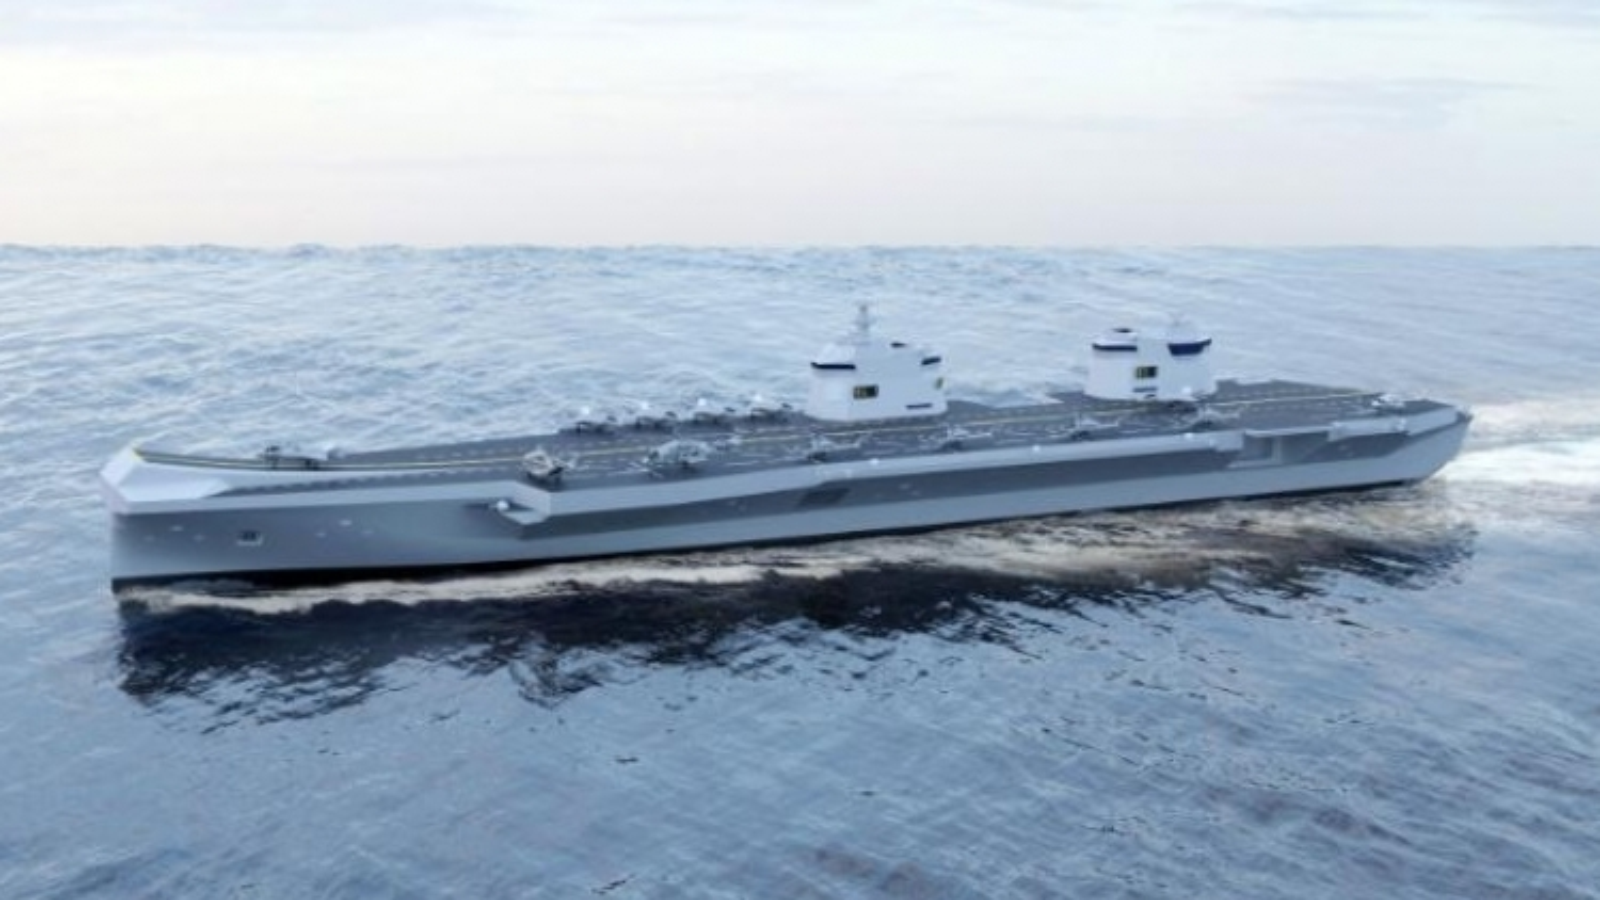 Tàu sân bay mới của Hàn Quốc có thể sẽ giống chiến hạm HMS Queen Elizabeth của Anh